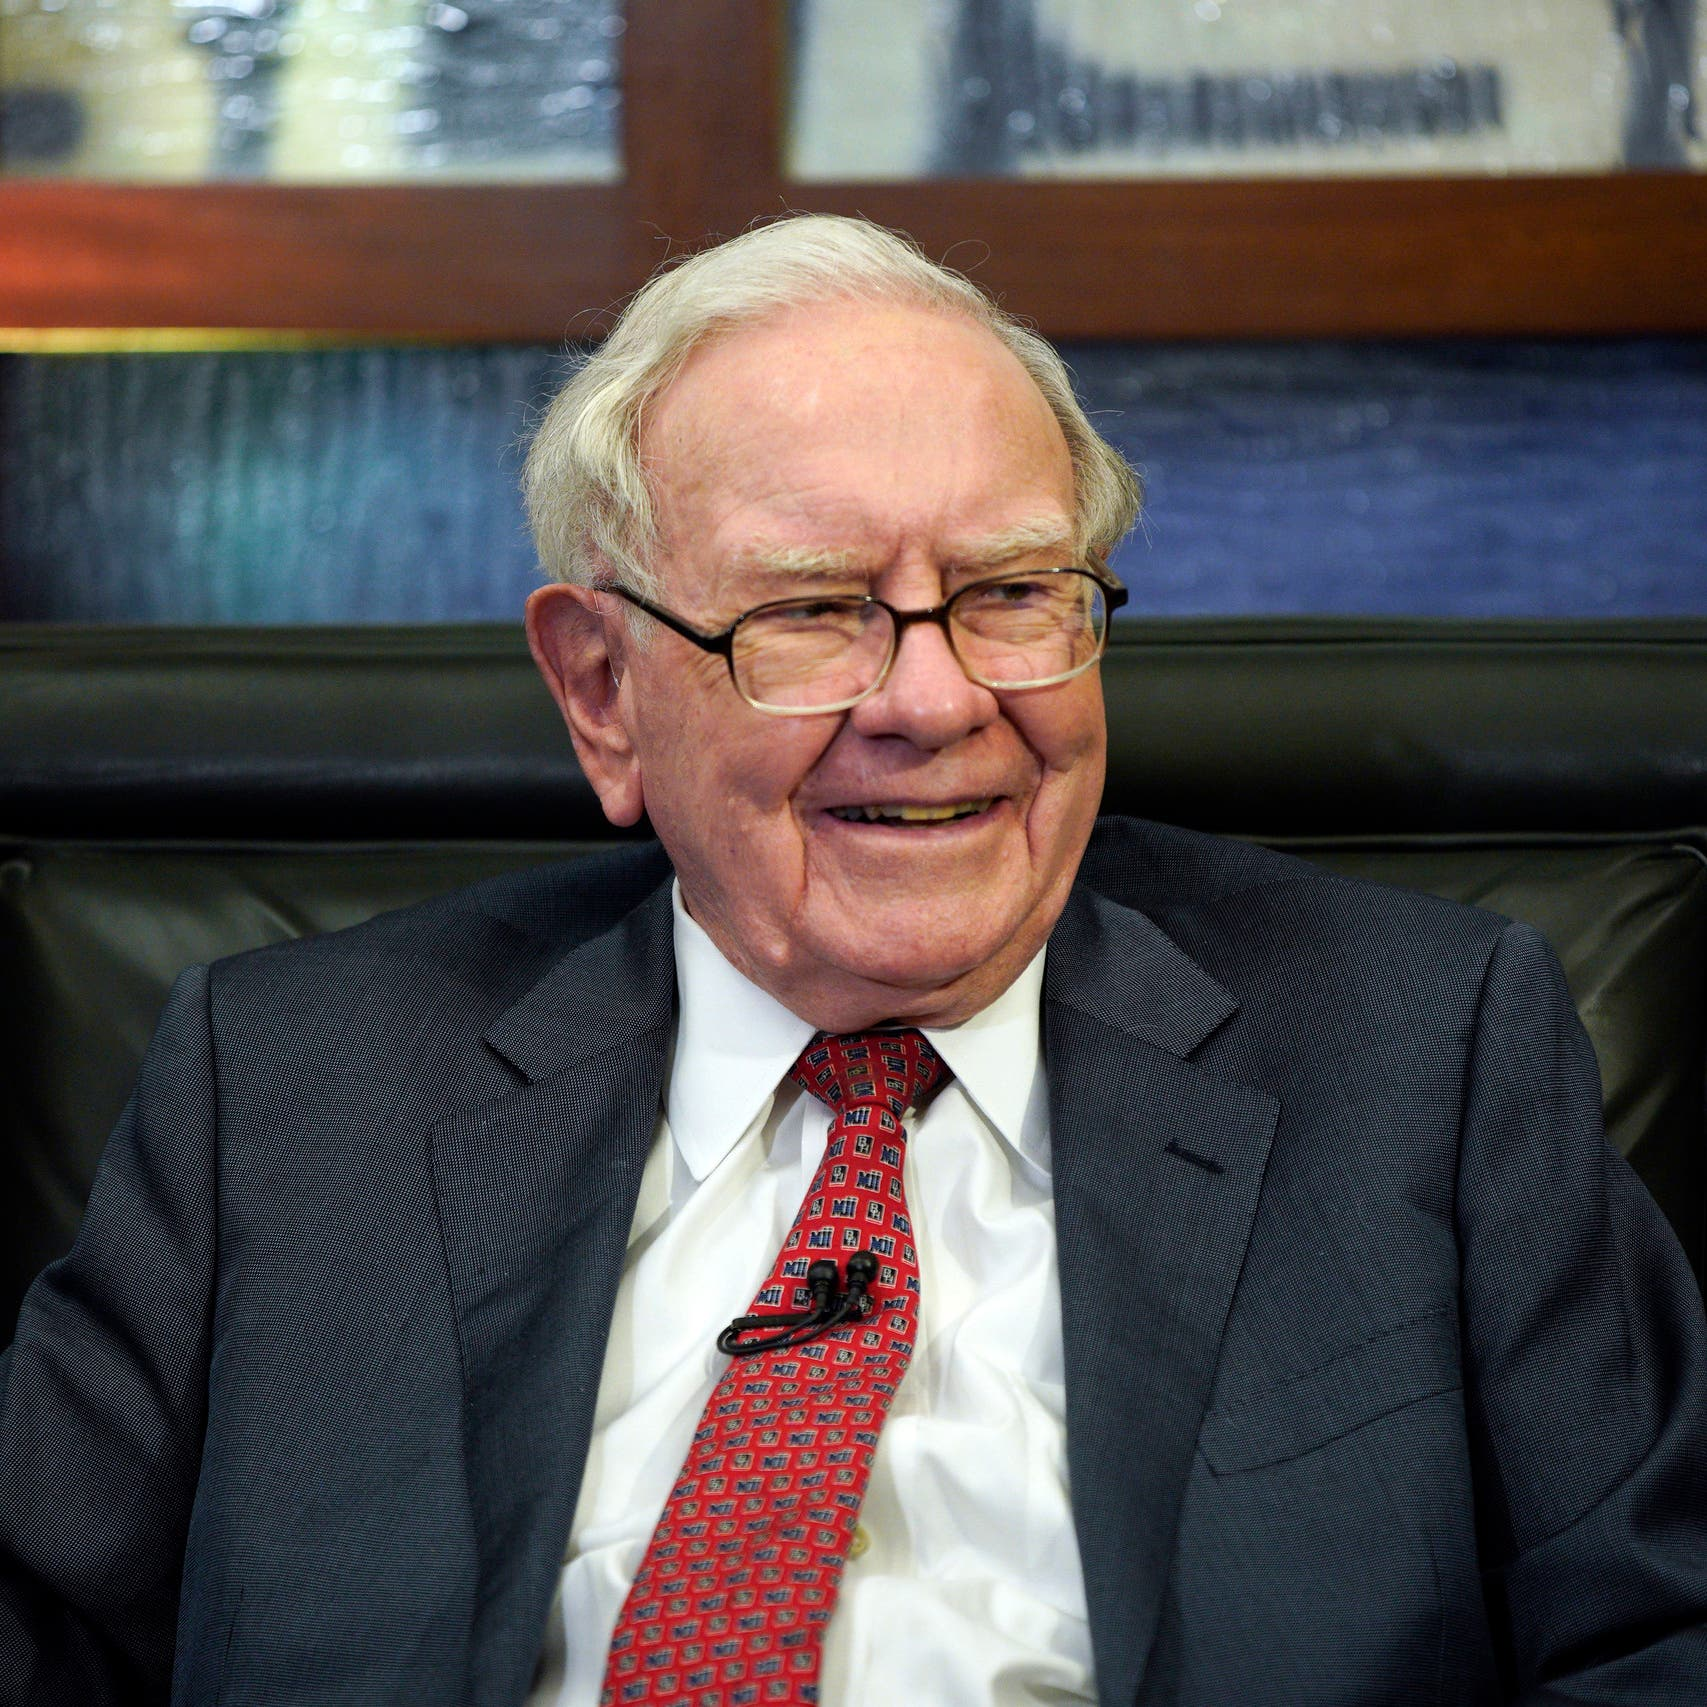 ثروة وارن بافيت تتجاوز 100 مليار دولار للمرة الأولى